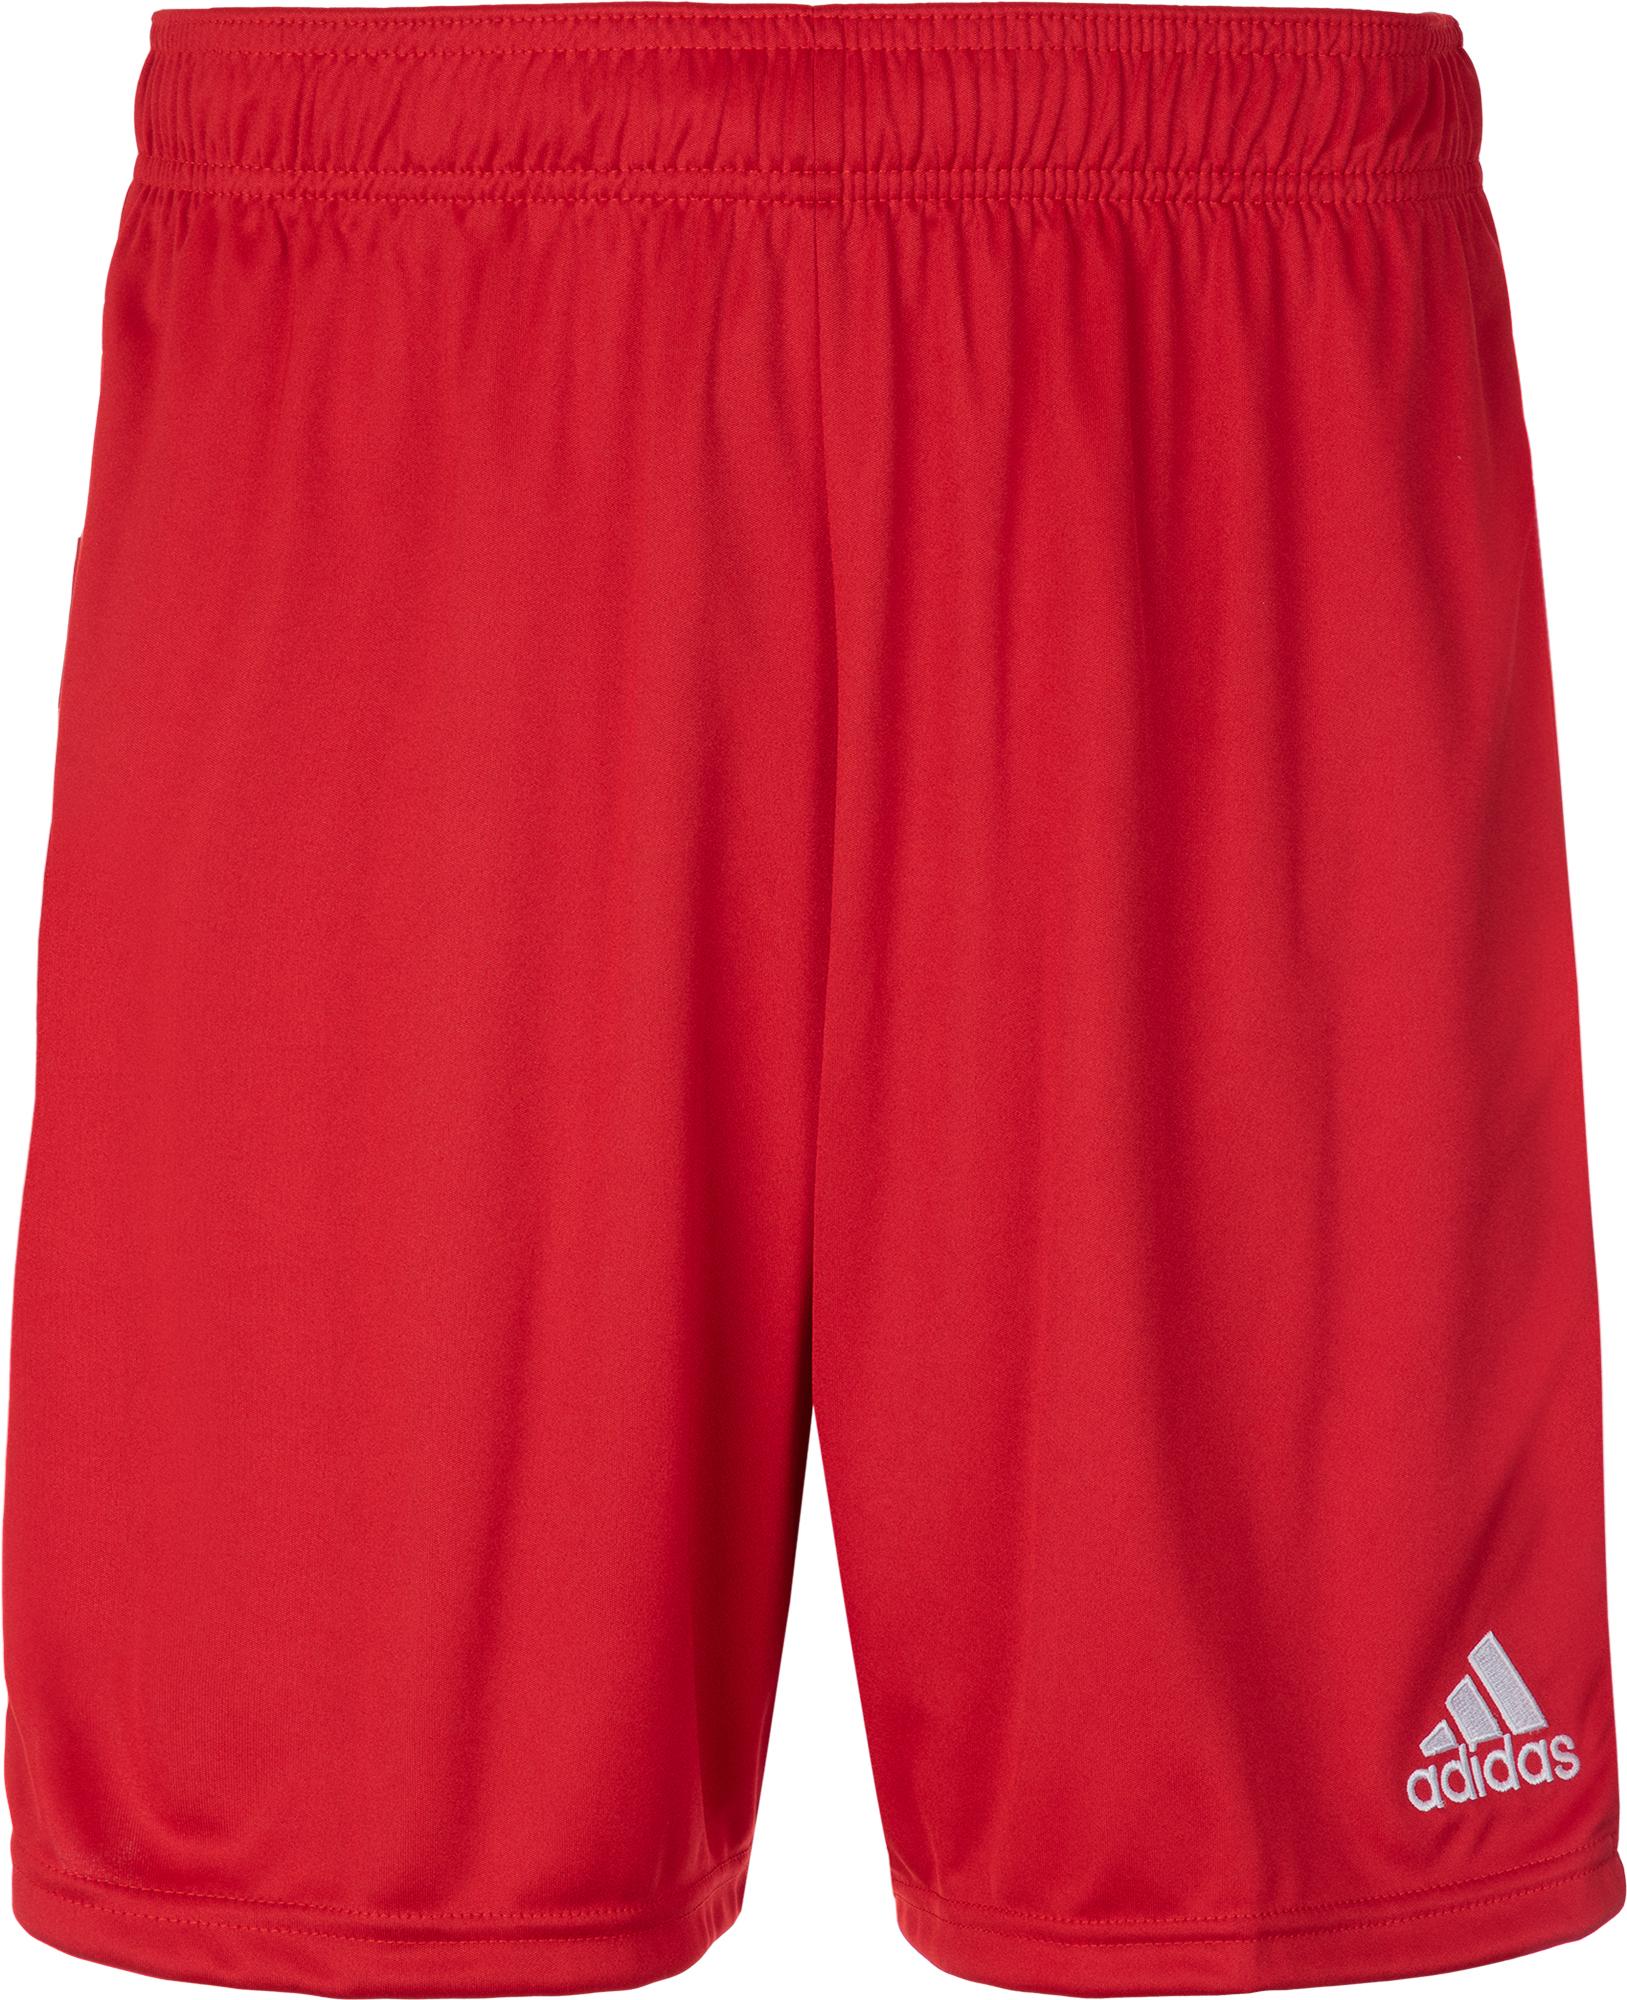 Adidas Шорты мужские Adidas Tastigo 19, размер 54 стоимость